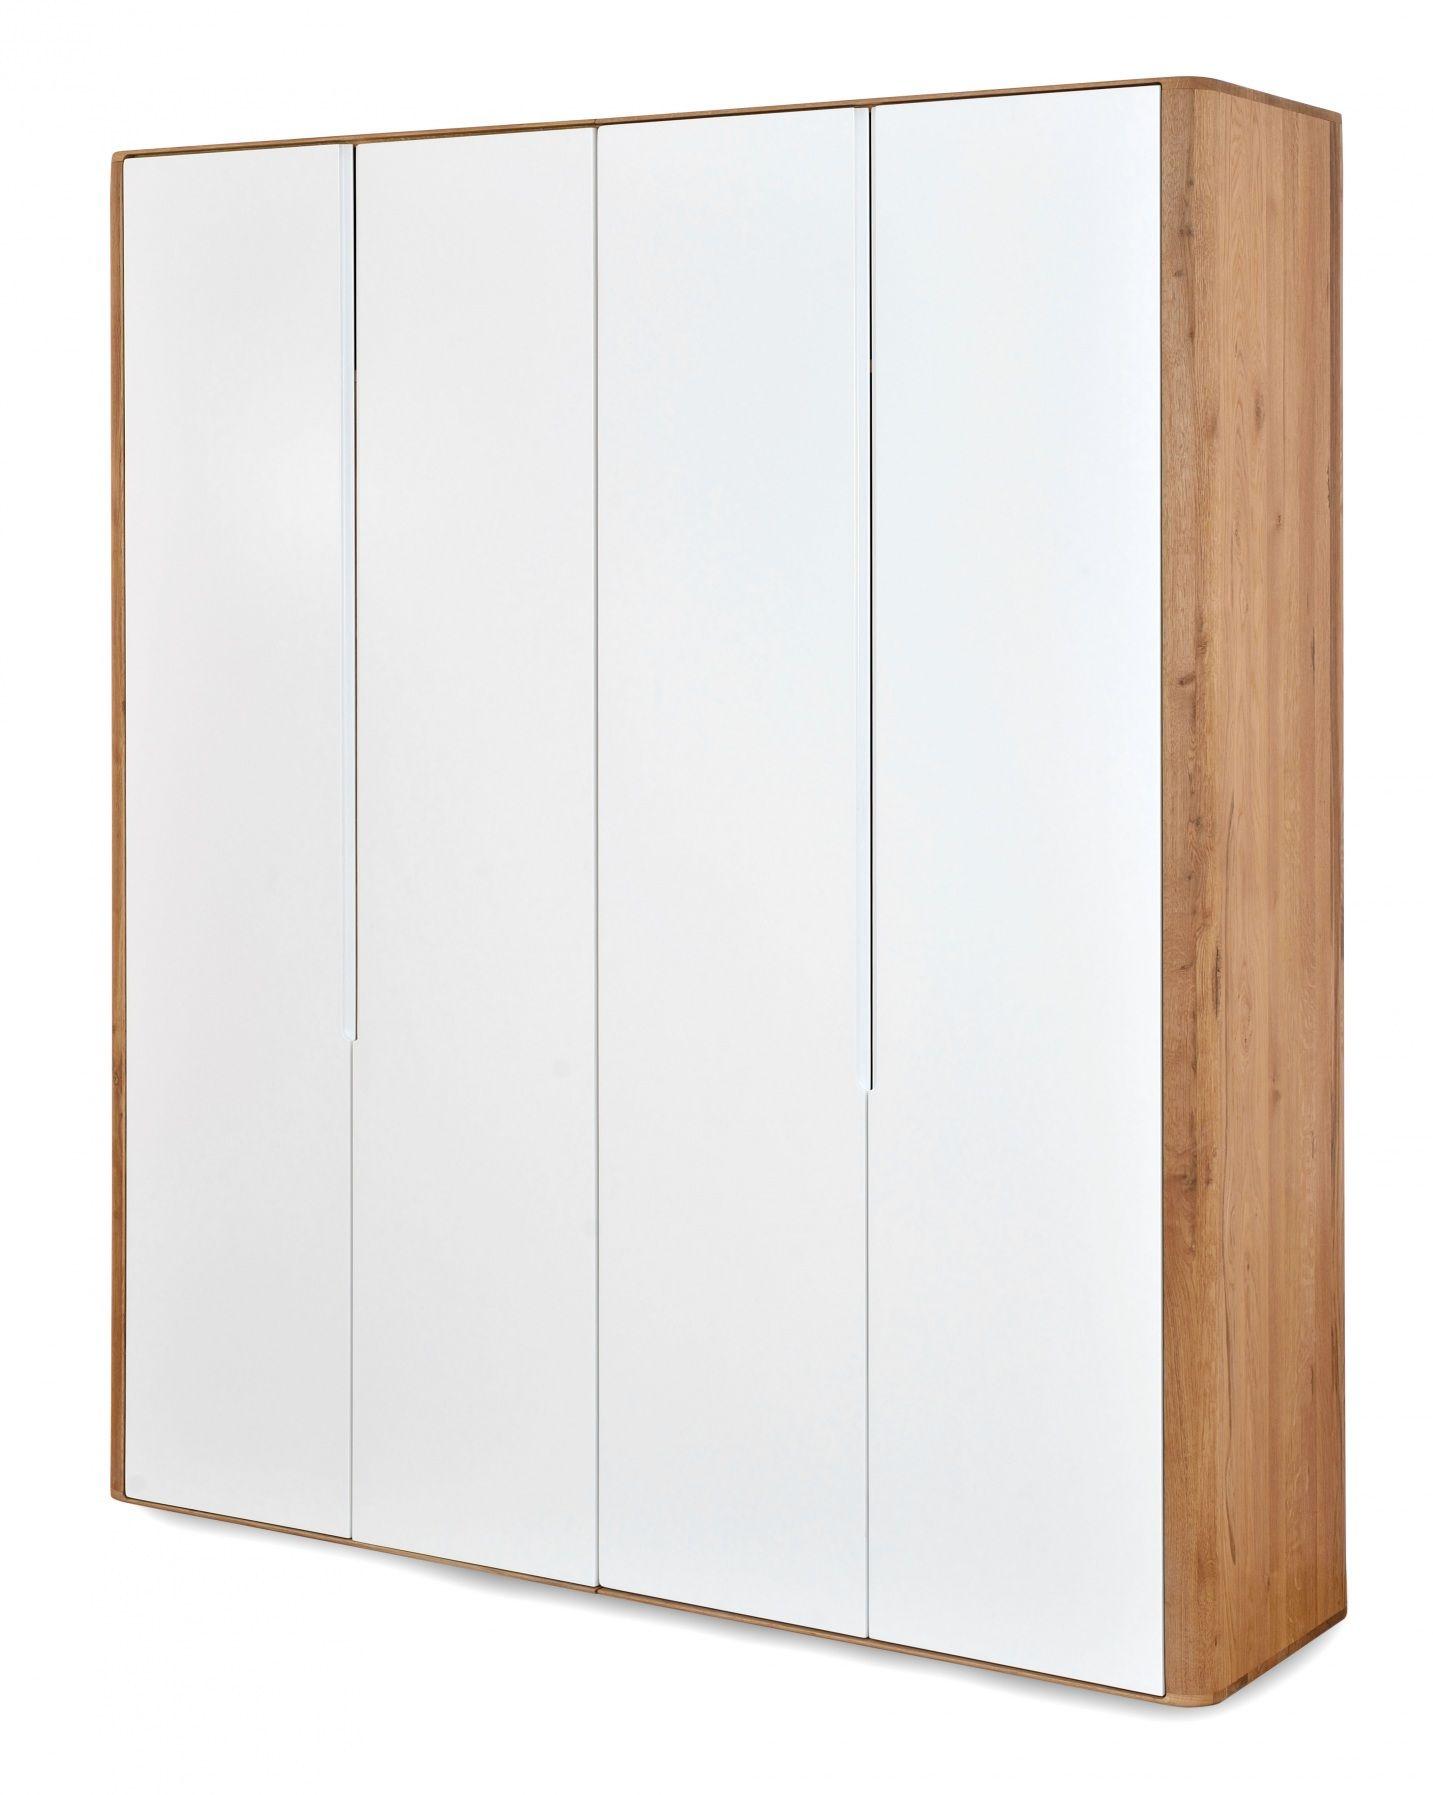 Kledingkast Kleiderschrank Gunstig Einlegeboden Kleiderschrank Kleiderschrank